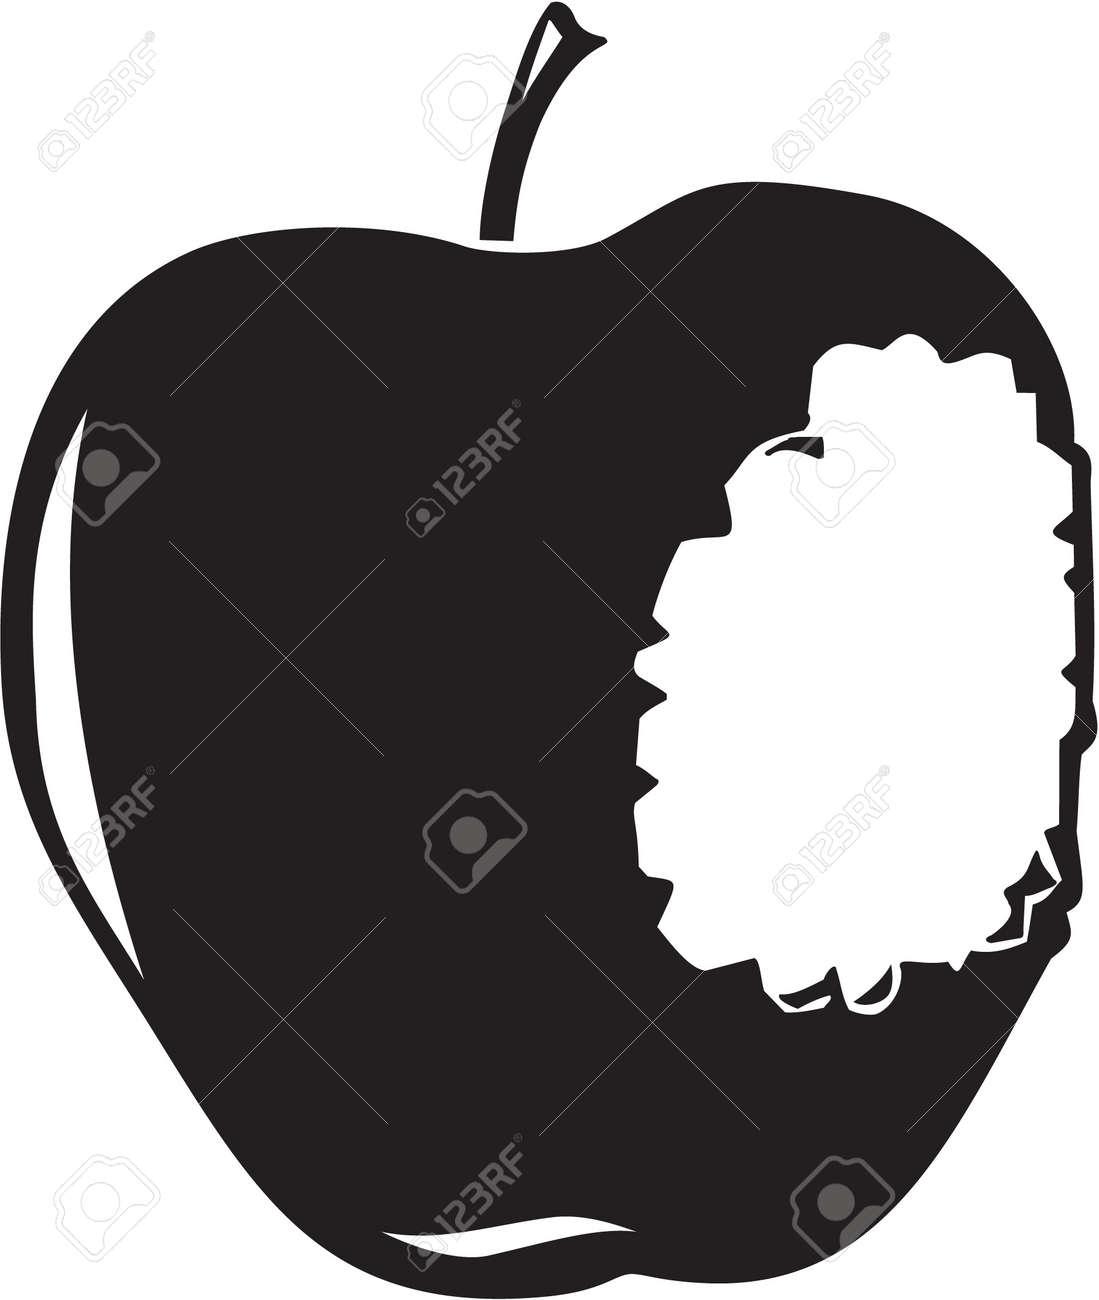 Apple Bitten Stock Vector - 13323449